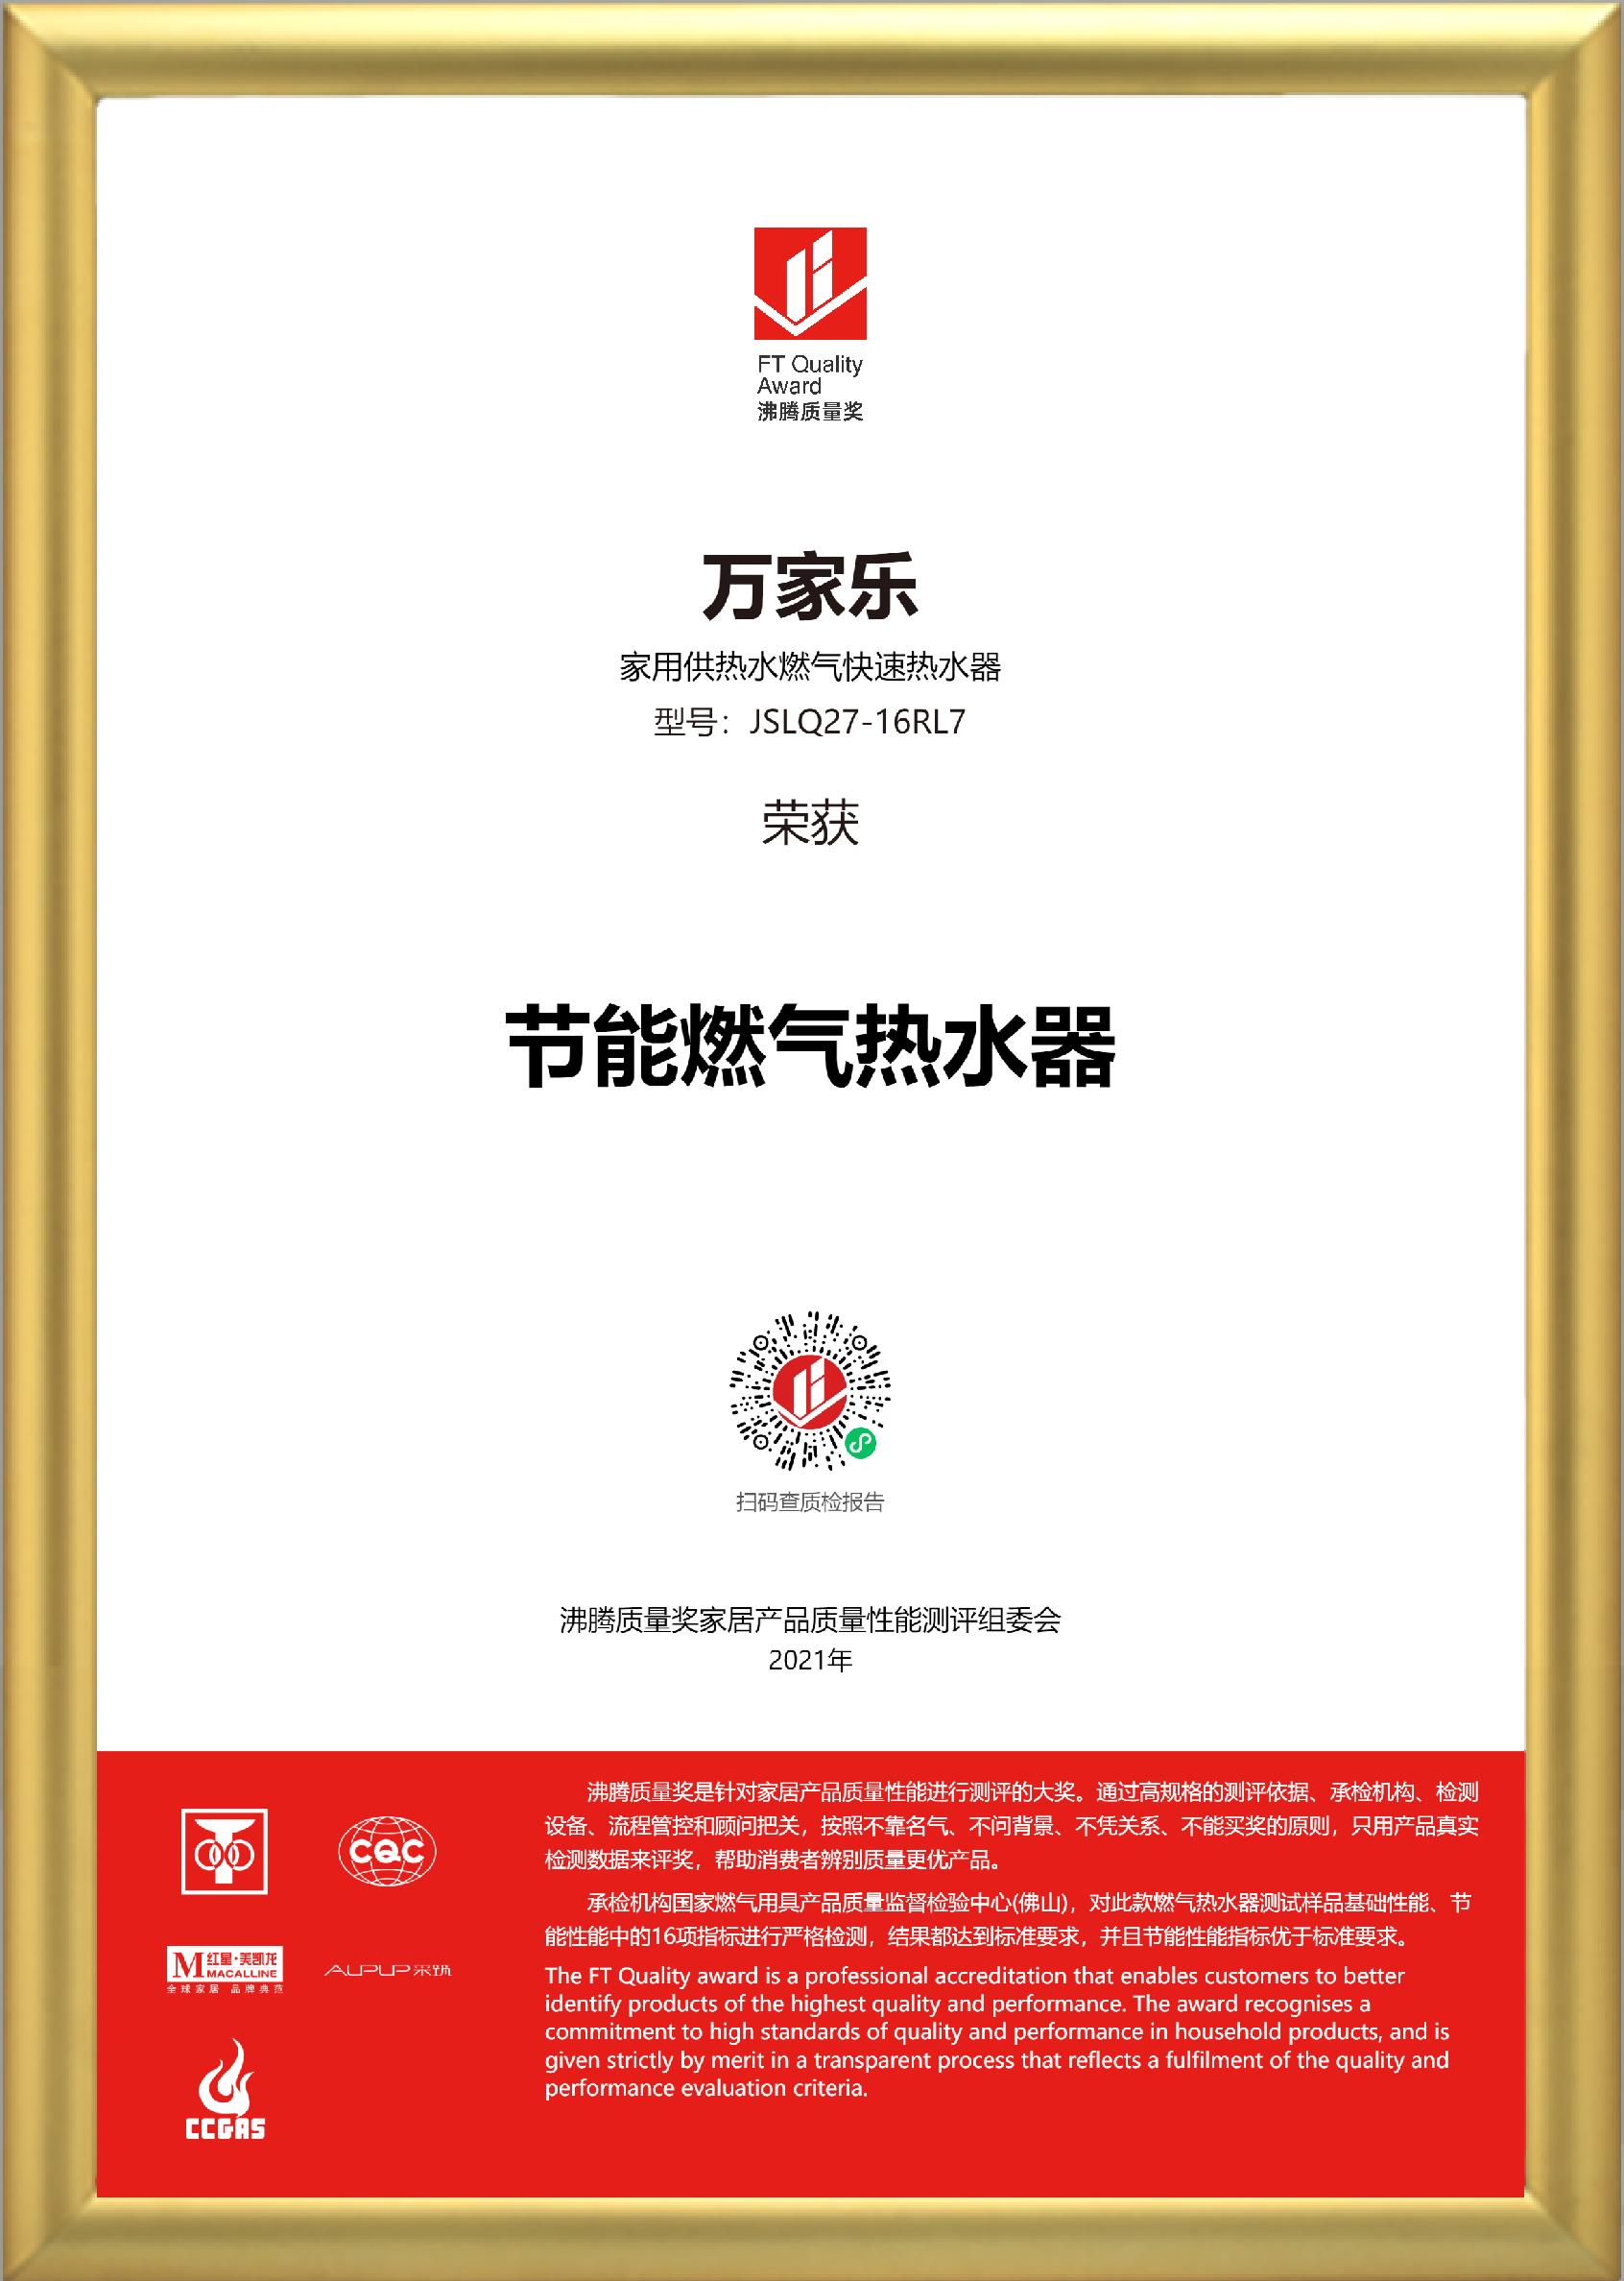 金框加持-获奖证书-万家乐-家用供热燃气快速热水器-JSLQ27-16RL7.png